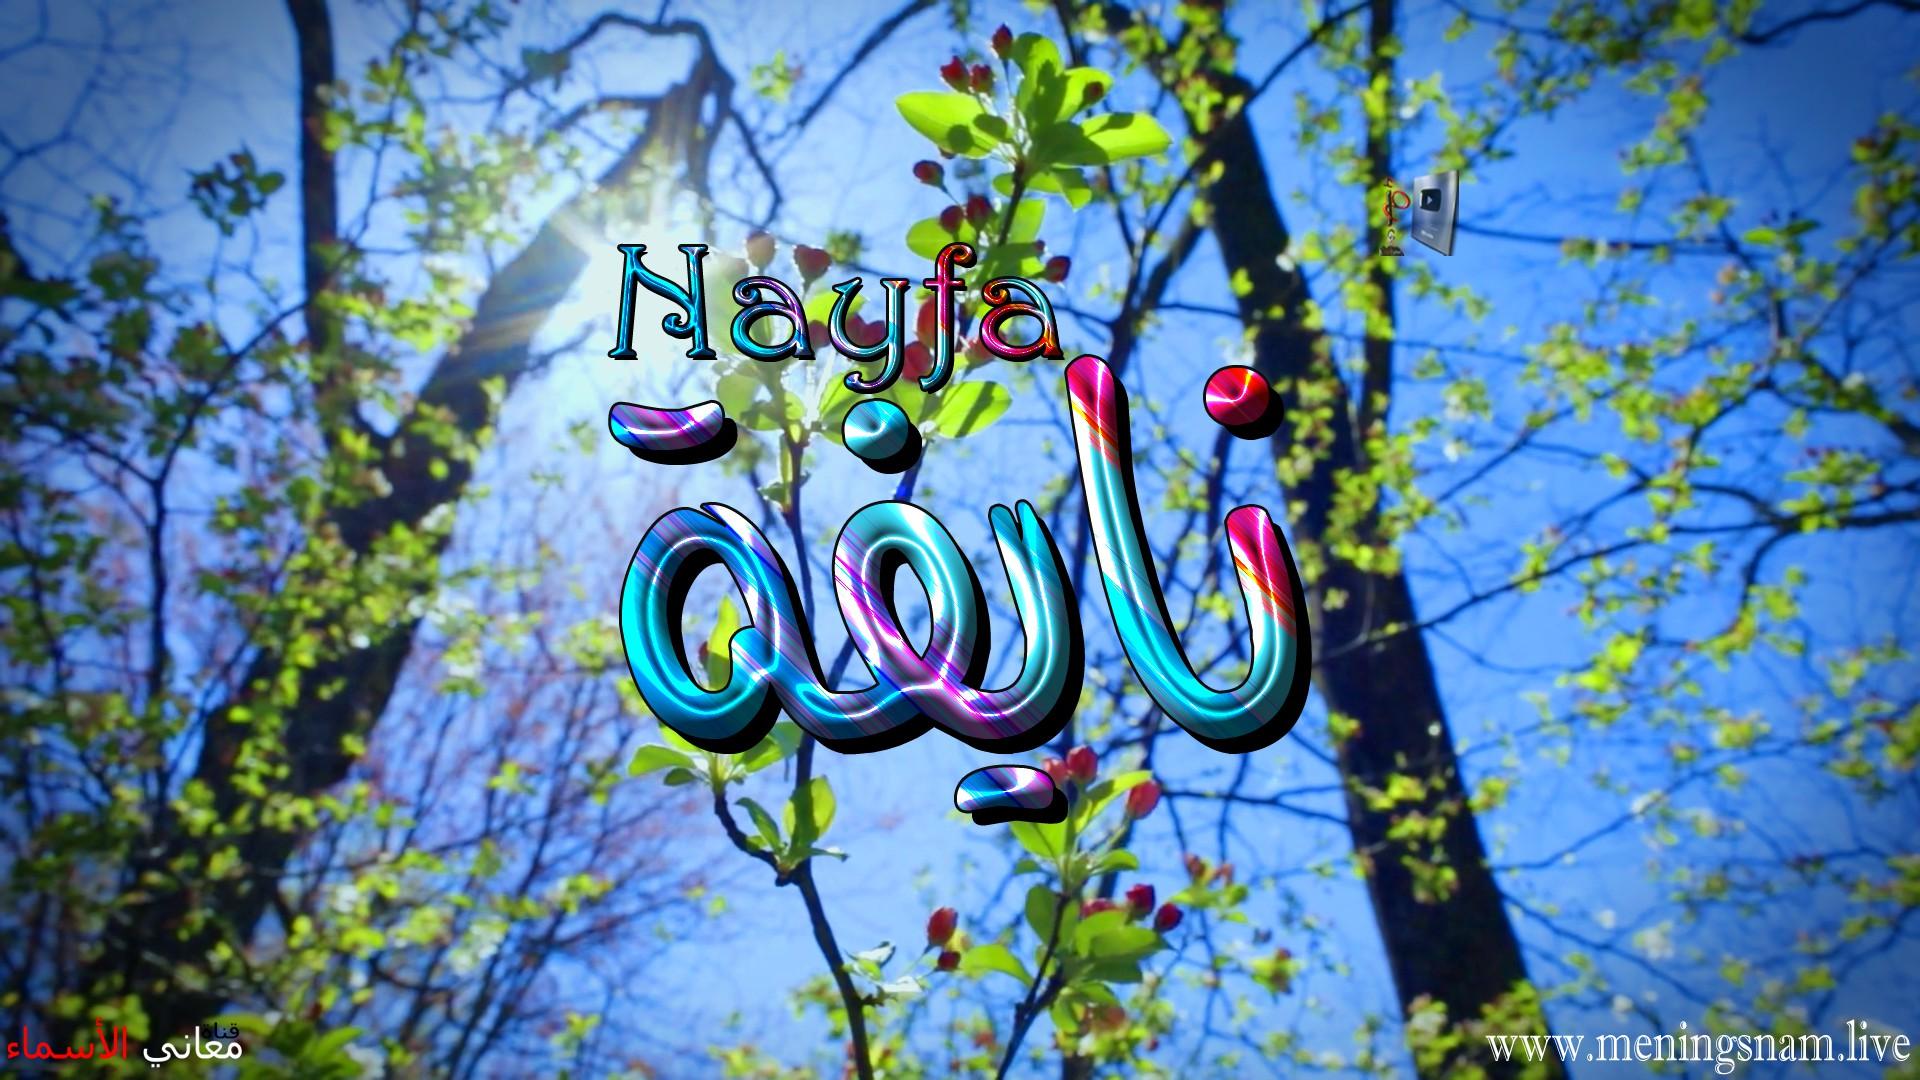 معنى اسم نايفة وصفات حاملة هذا الاسم Naifa